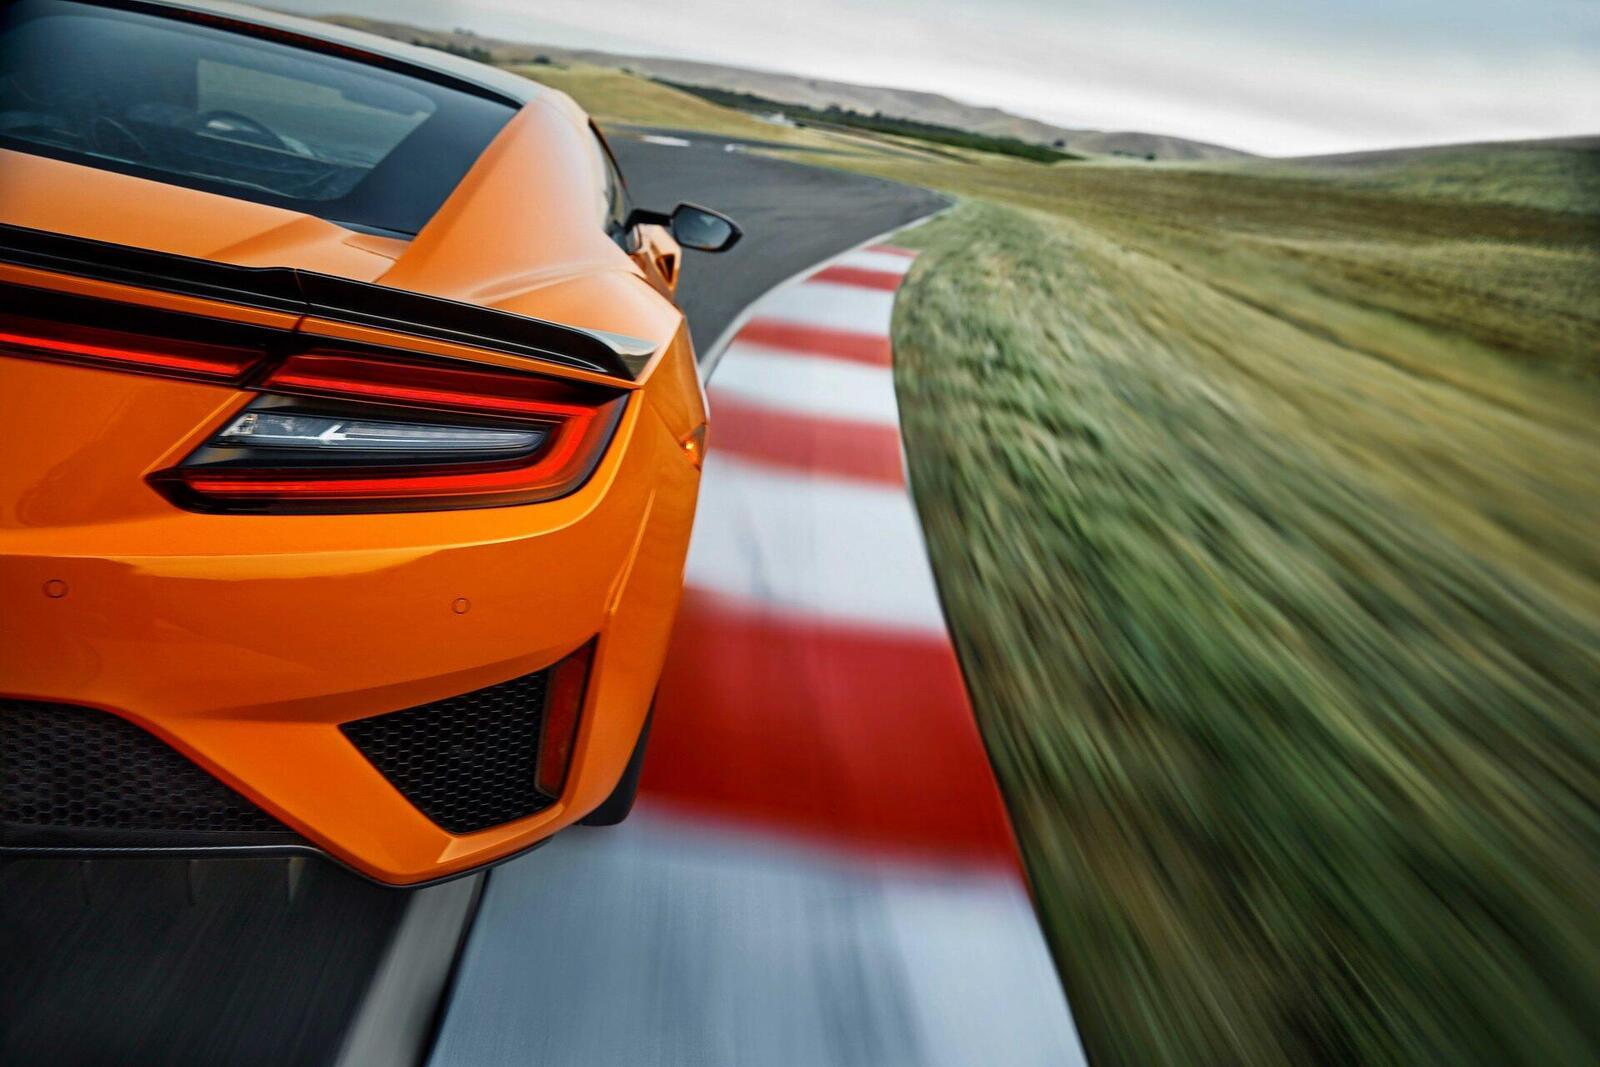 Siêu xe Acura NSX 2019 động cơ hybrid chốt giá từ 157.500 USD - Hình 5